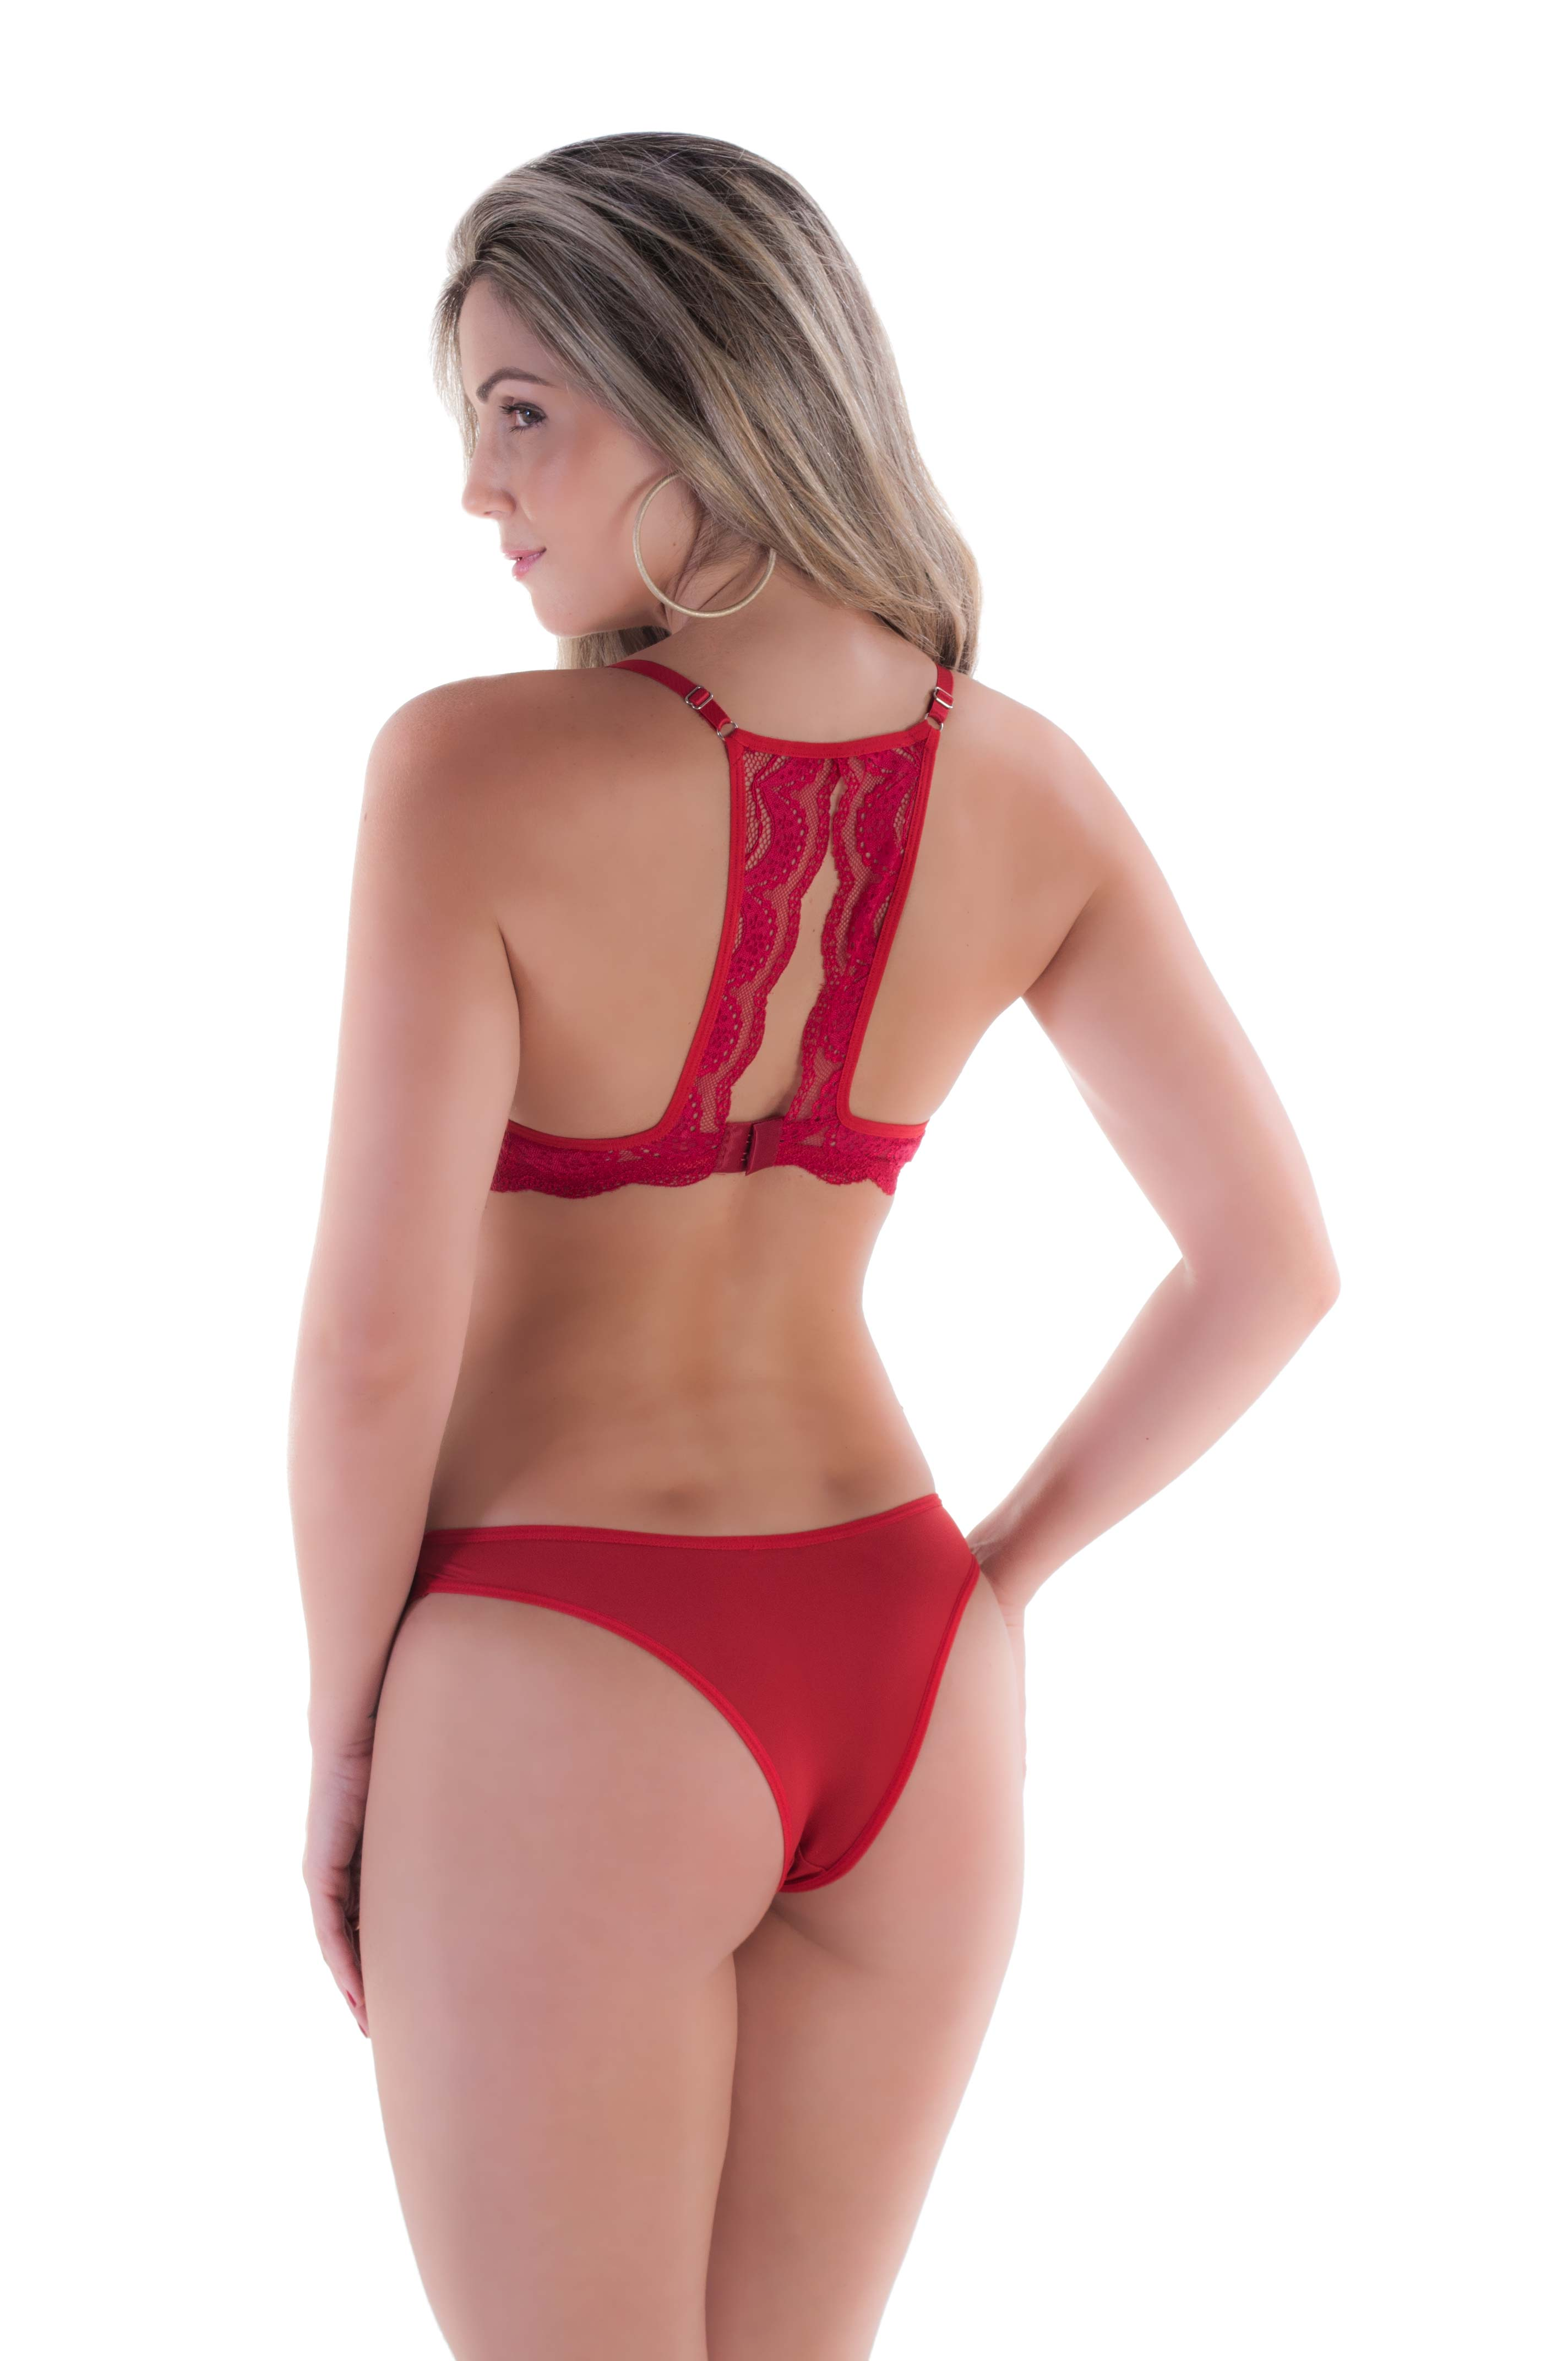 fd9a3accf Lançamentos de lingerie no atacado para revenda e uso próprio